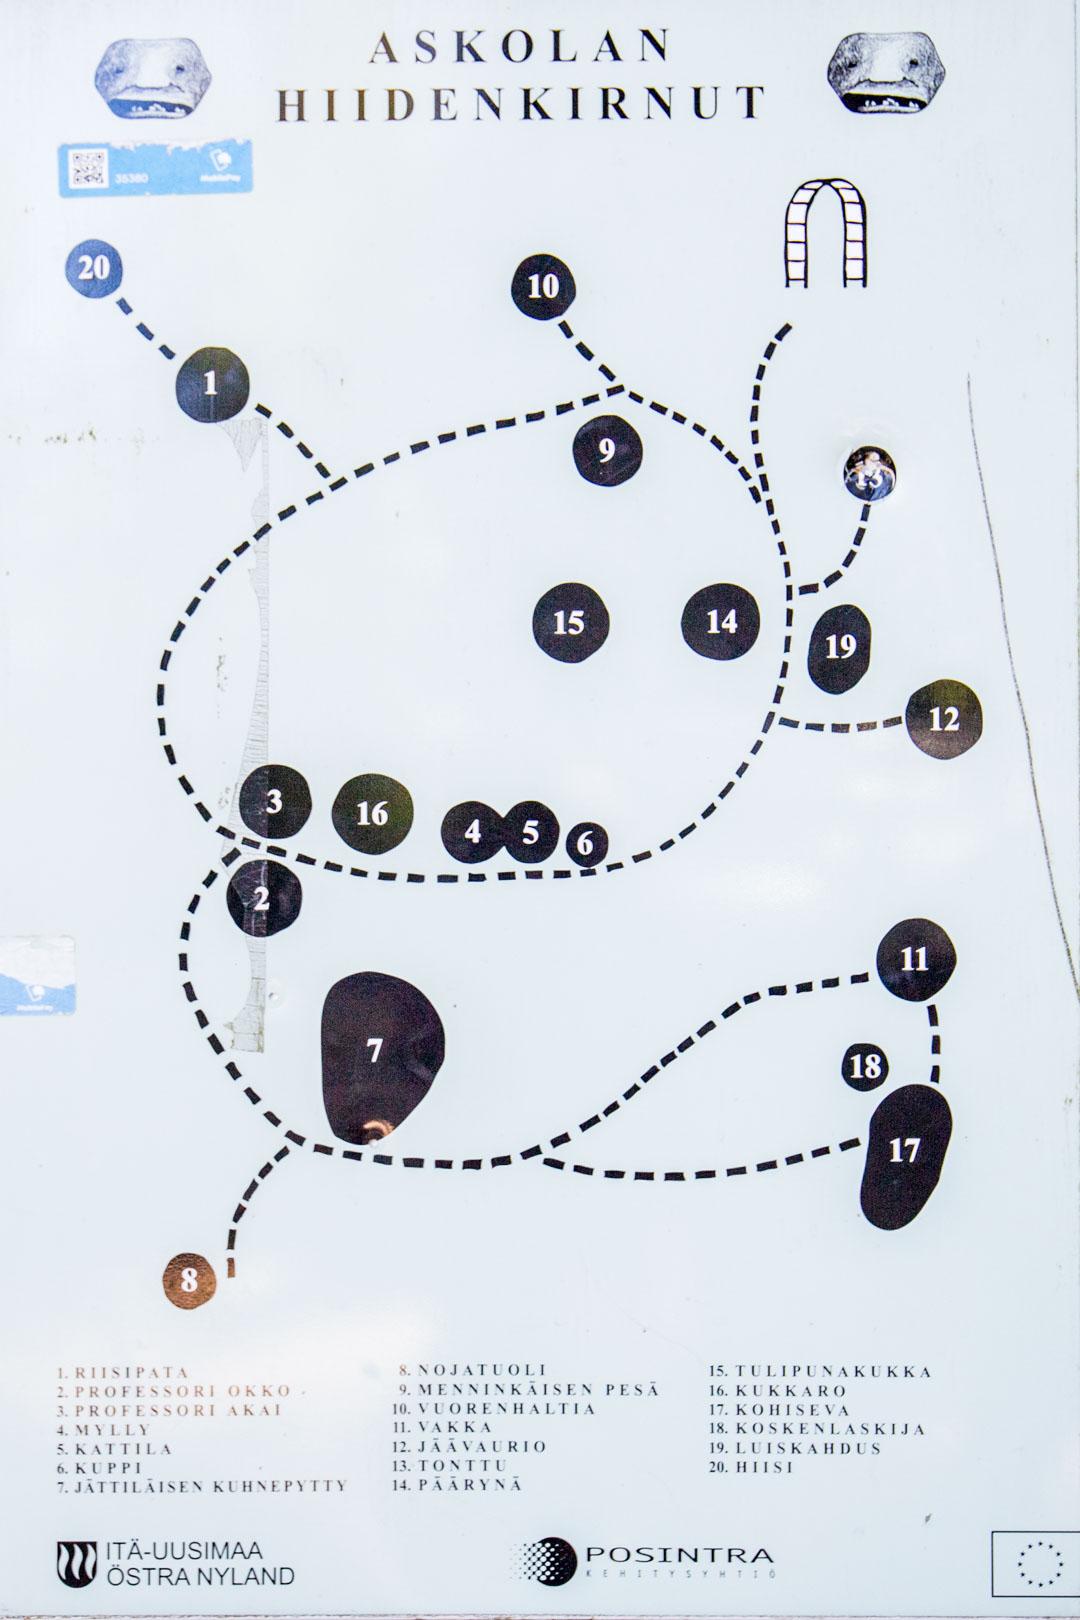 Askolan hiidenkirnut kartta